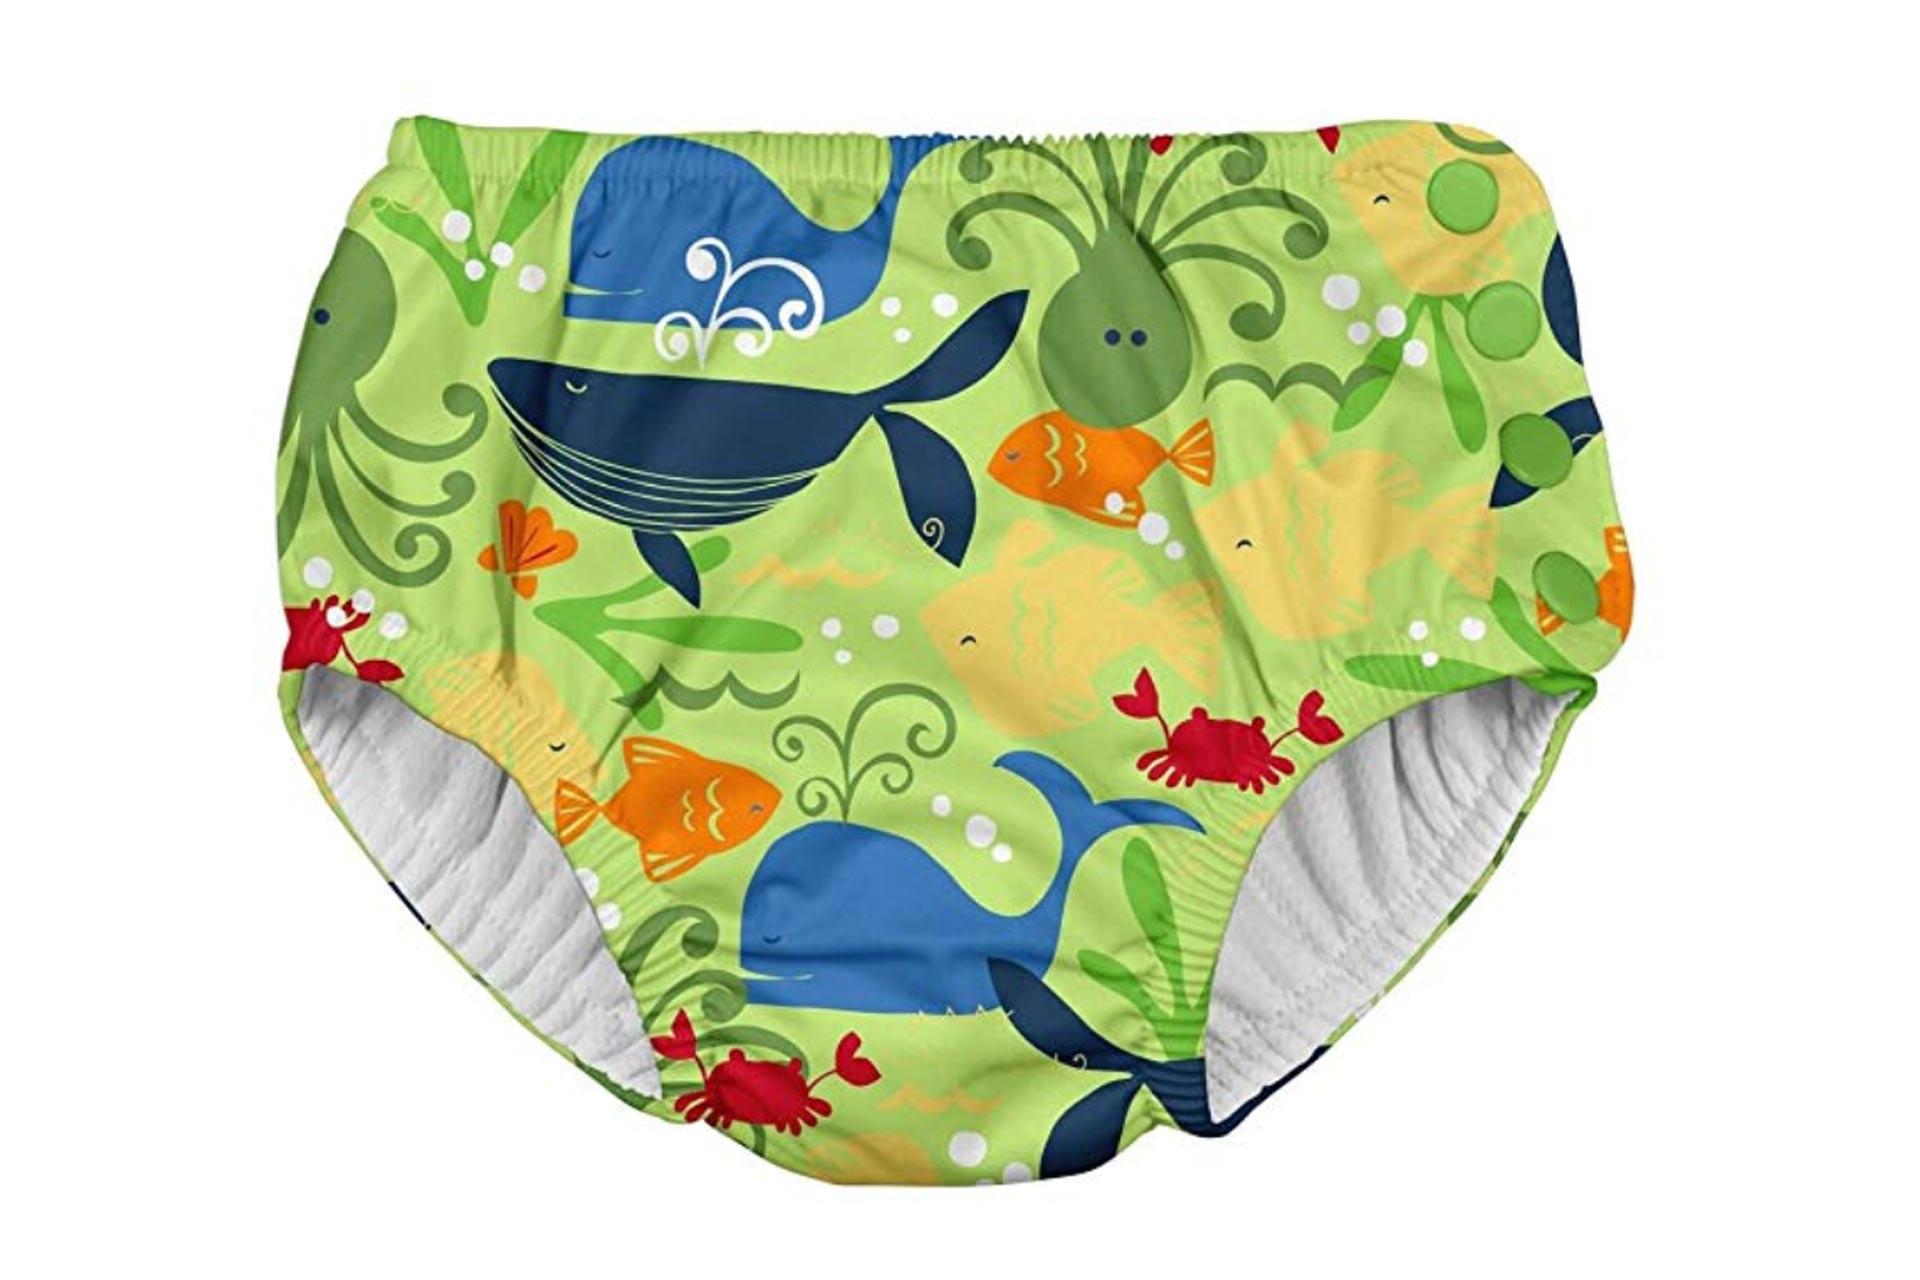 iPlay swim suit; Courtesy of Amazon